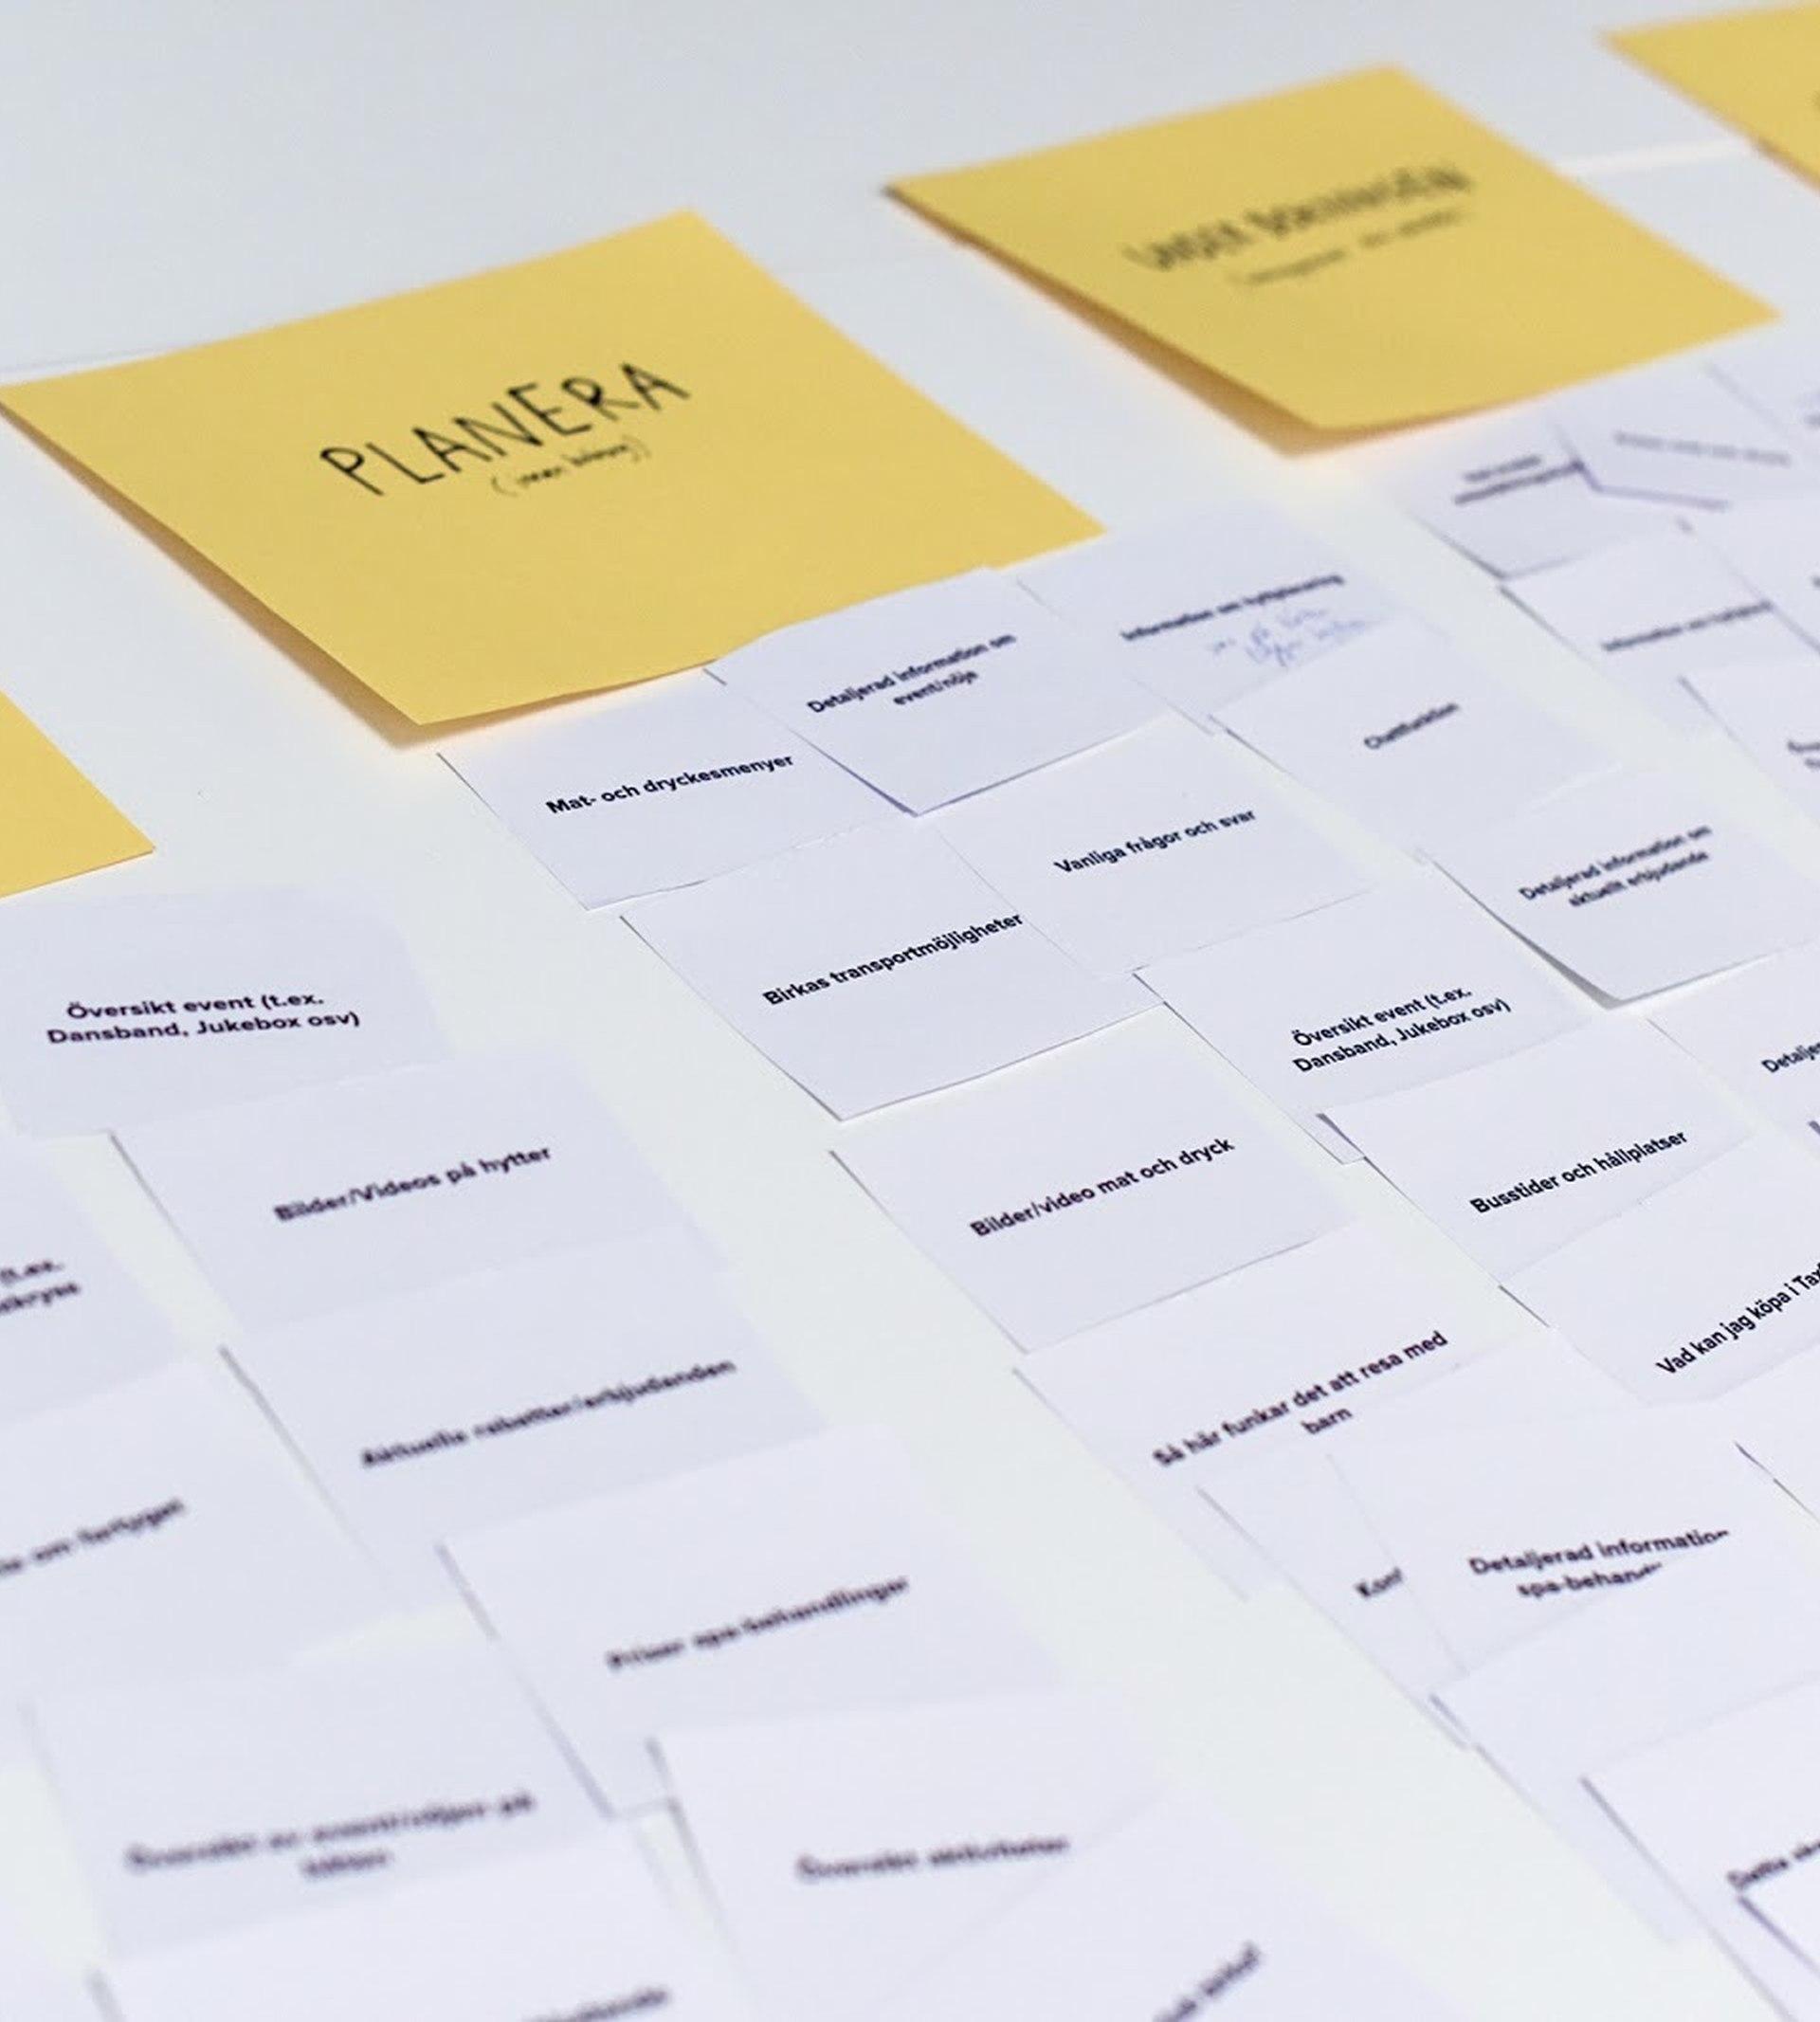 Papperskort på ett bord